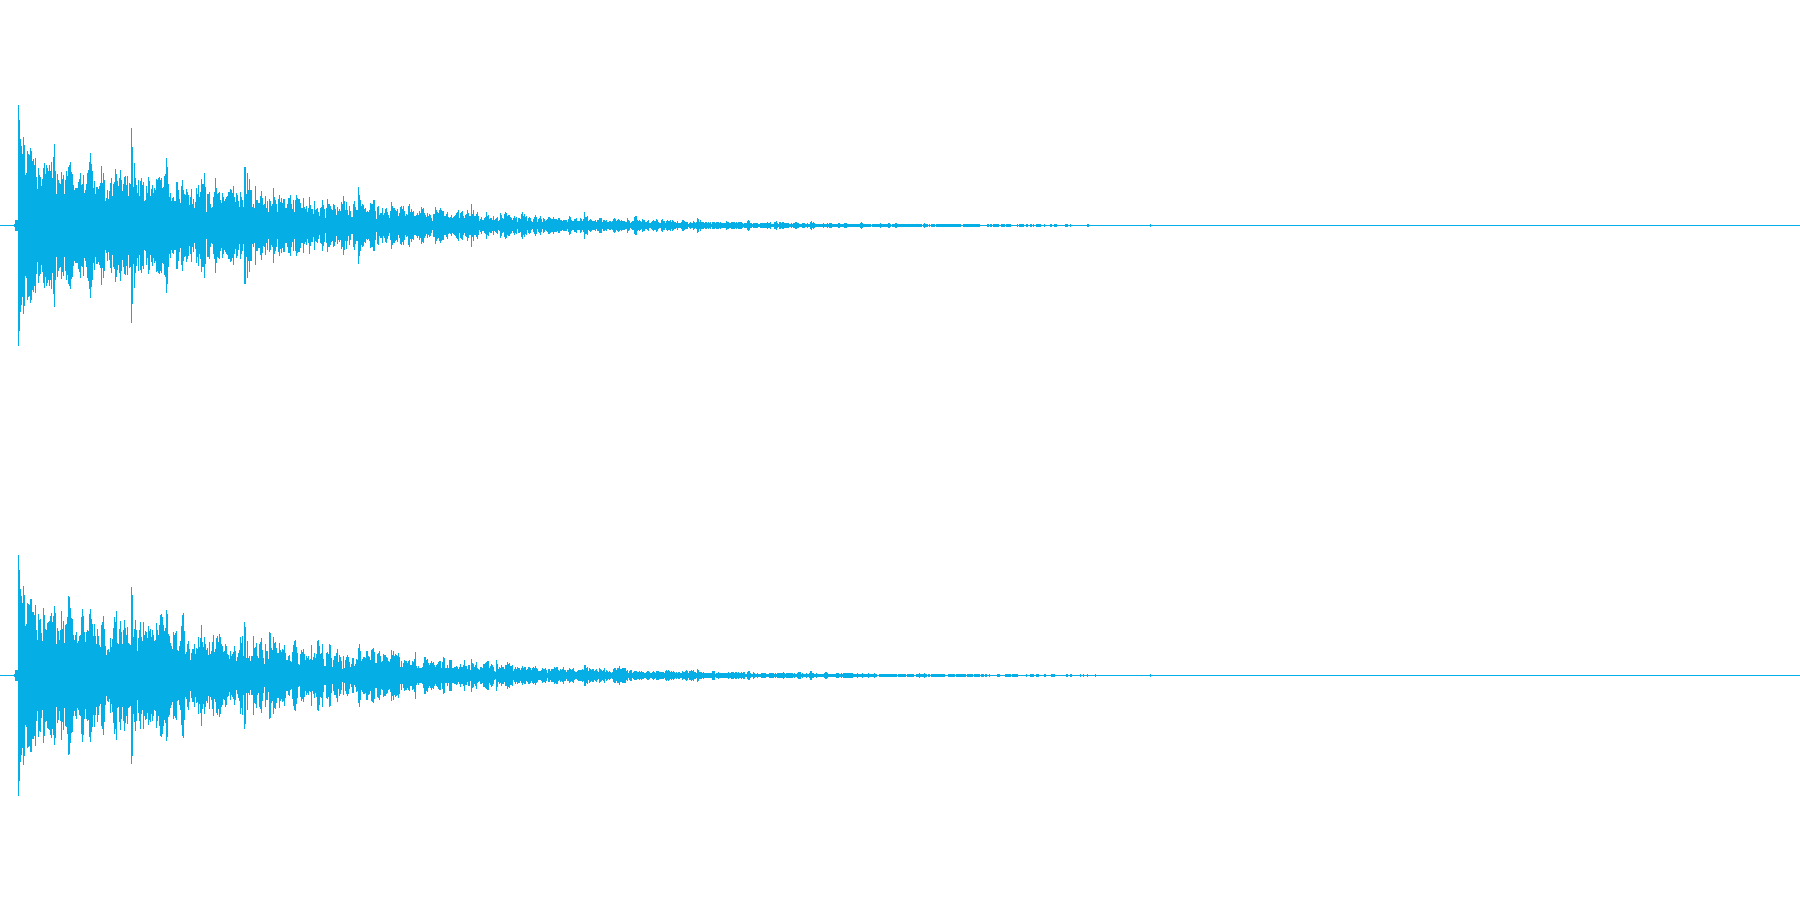 【フィンガースナップ02-2】の再生済みの波形